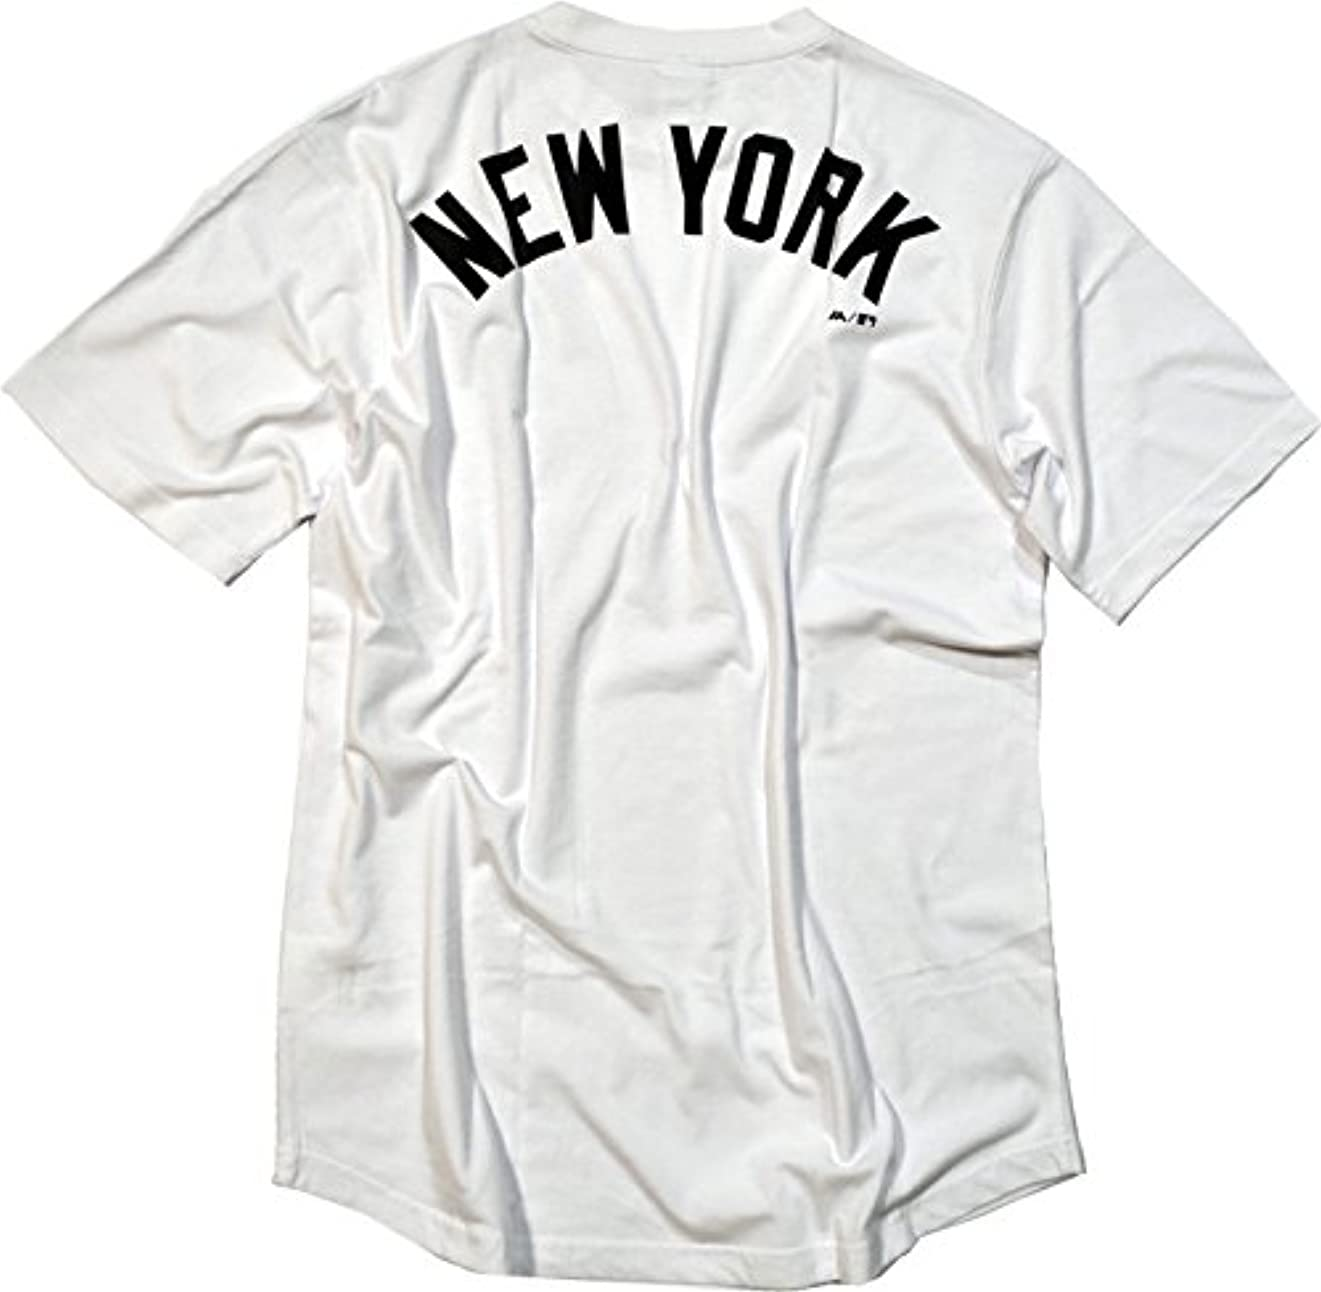 無臭科学と遊ぶTシャツ 半袖丸首ワンポイント&バックプリント裾ラウンド仕様 ニューヨークヤンキース Majestic(マジェスティック)